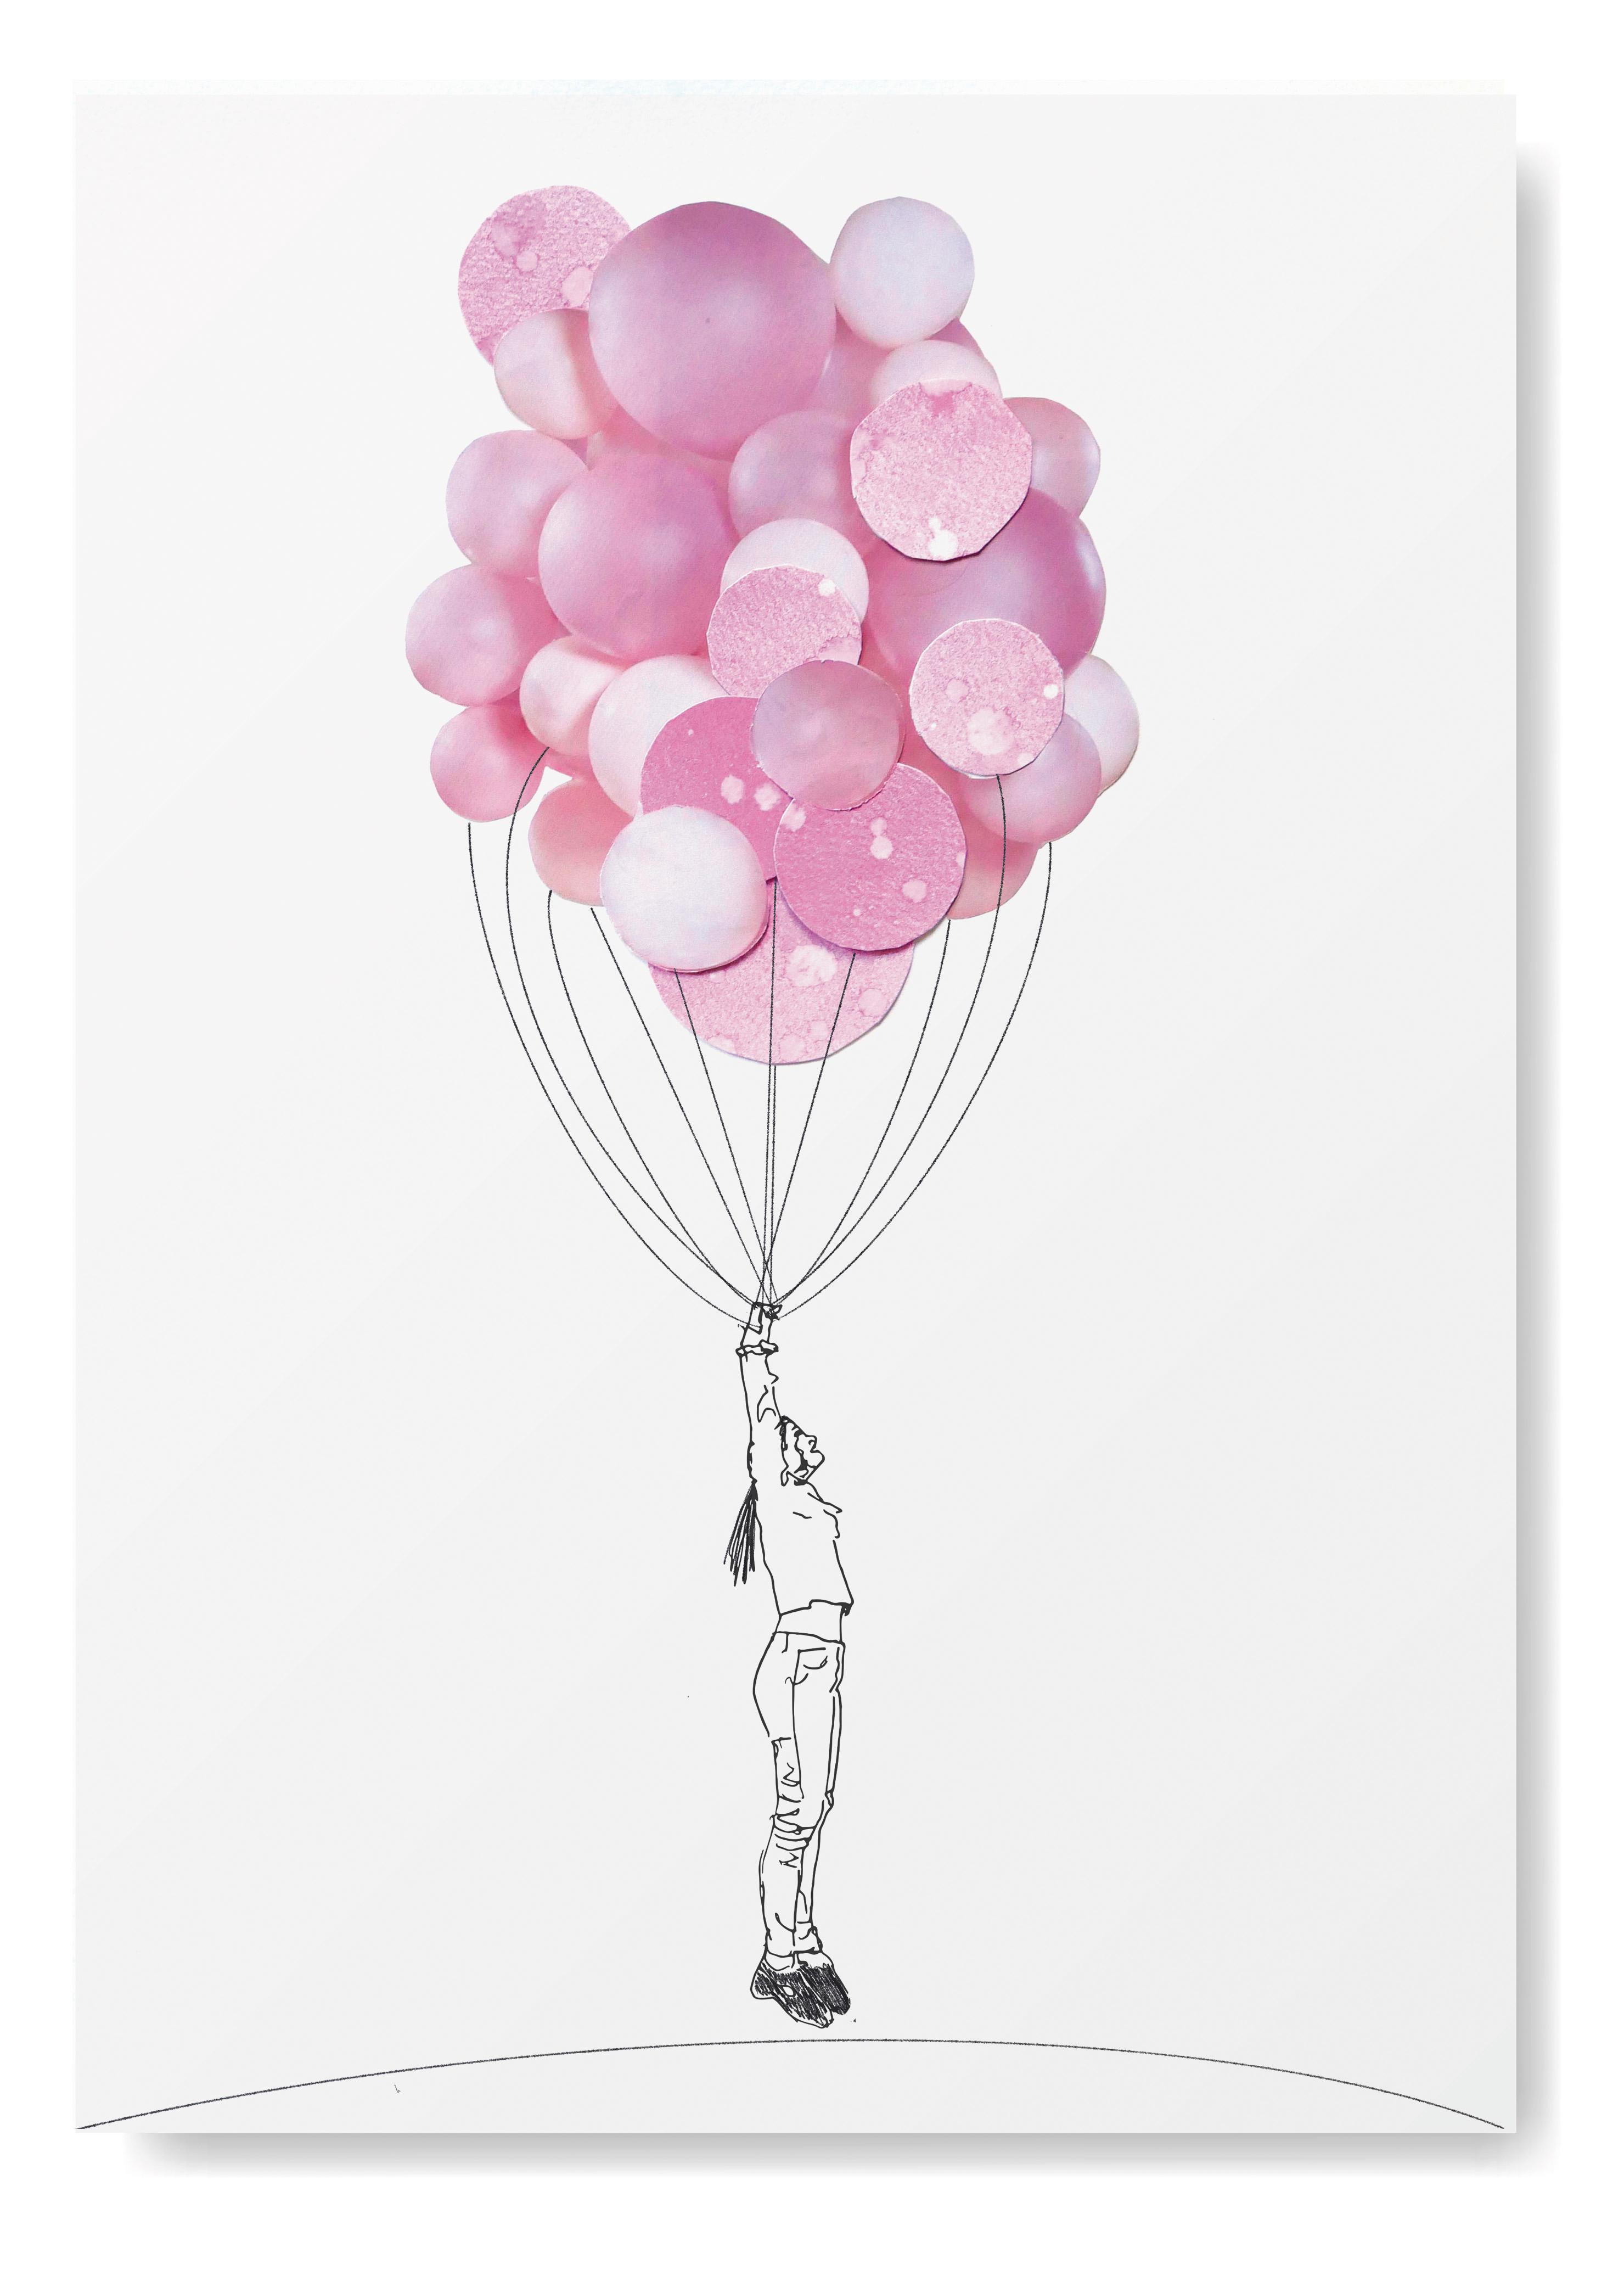 meisje met Ballon Angela Peters illustratie, collage kaarten Angelart Kunst&zo kunst